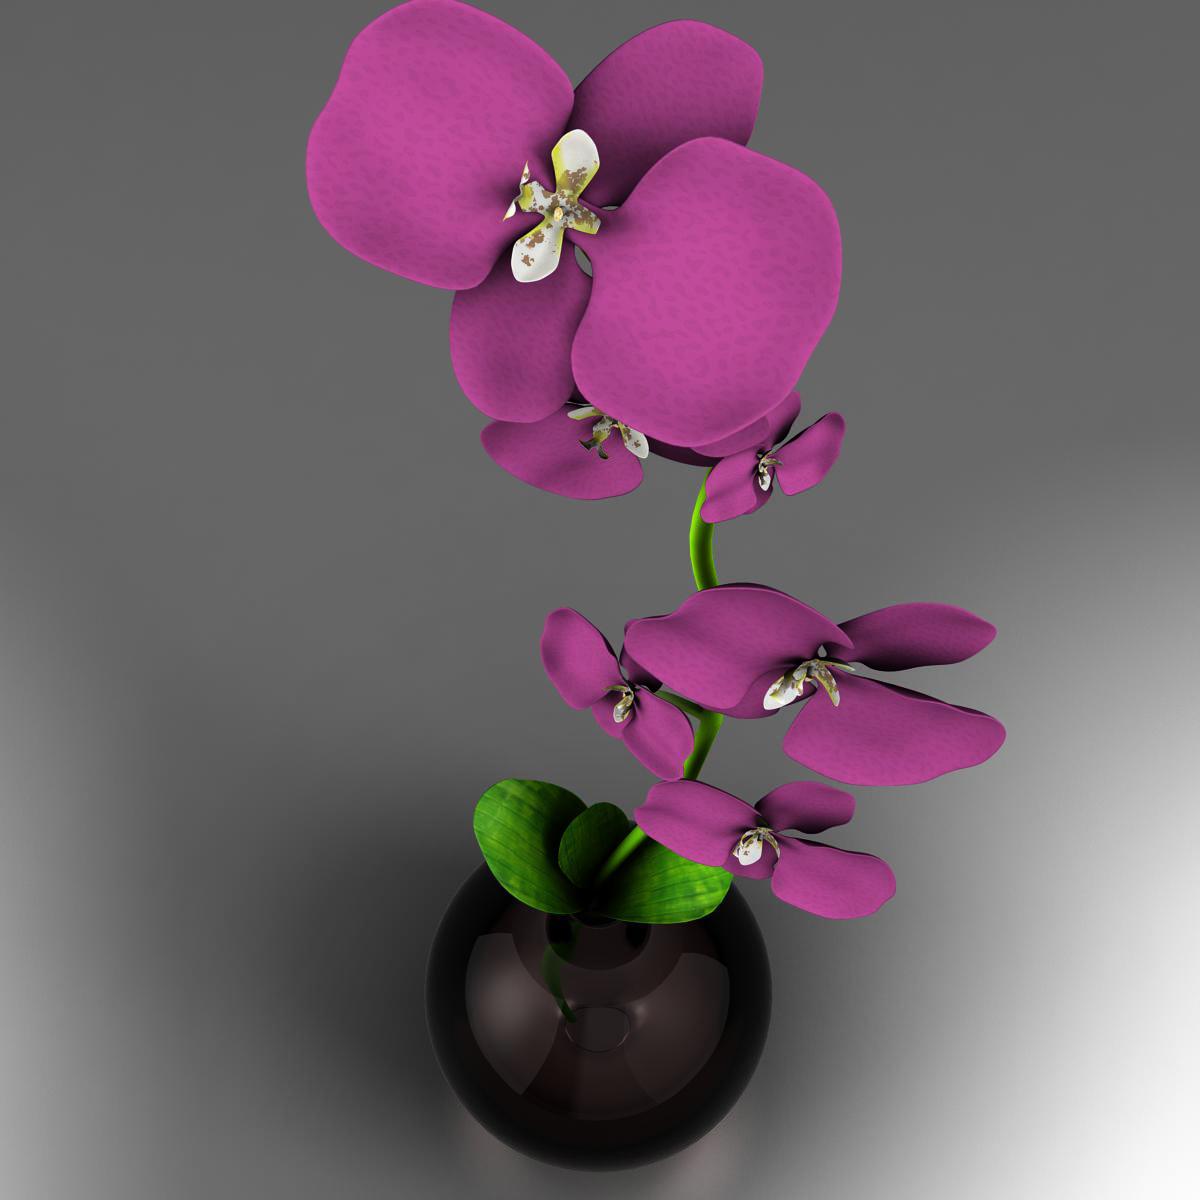 cvijetna baza 3d model 3ds max fbx ma mb obj 158098